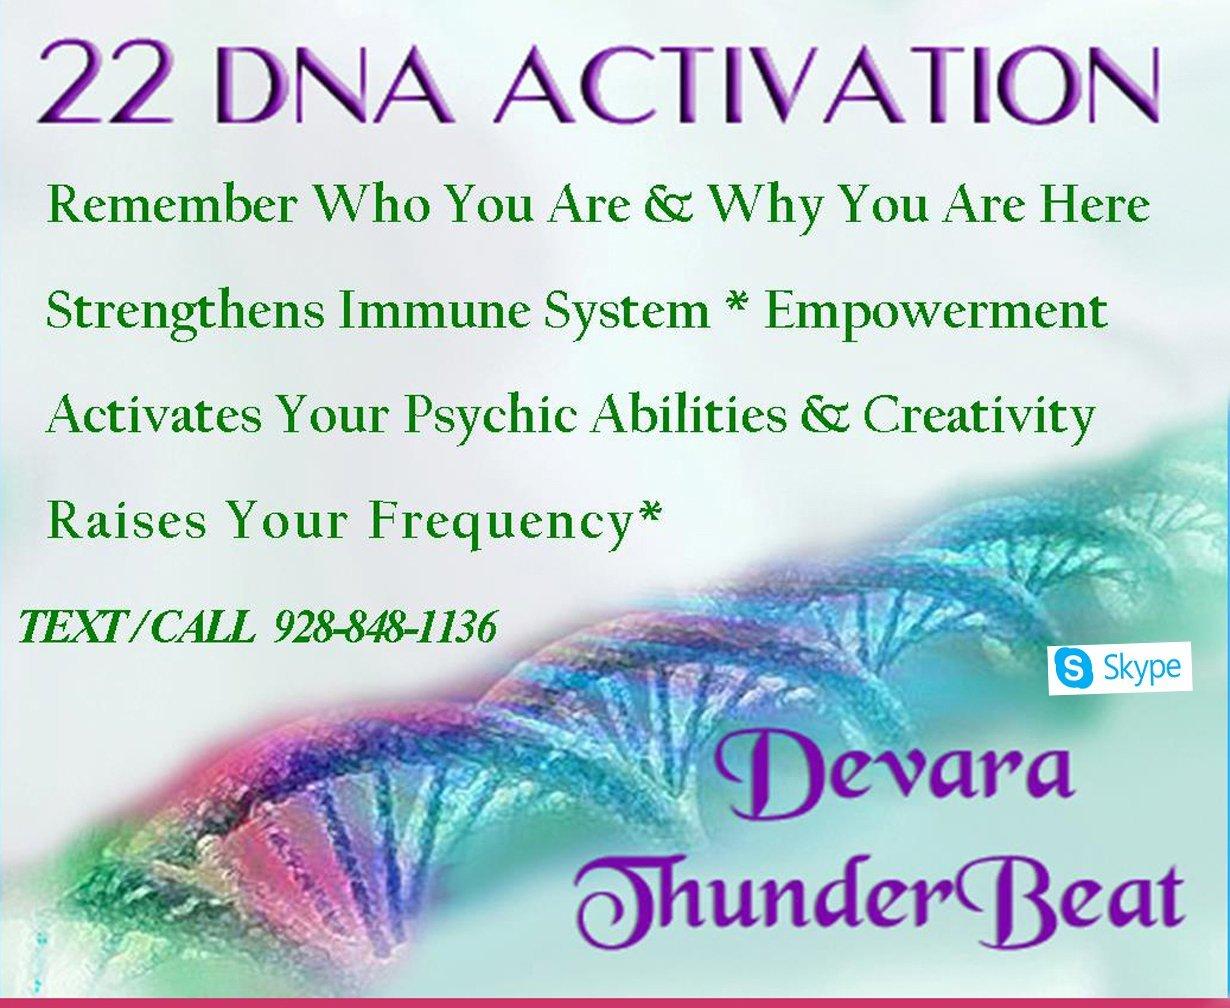 22 DNA AD w Skype